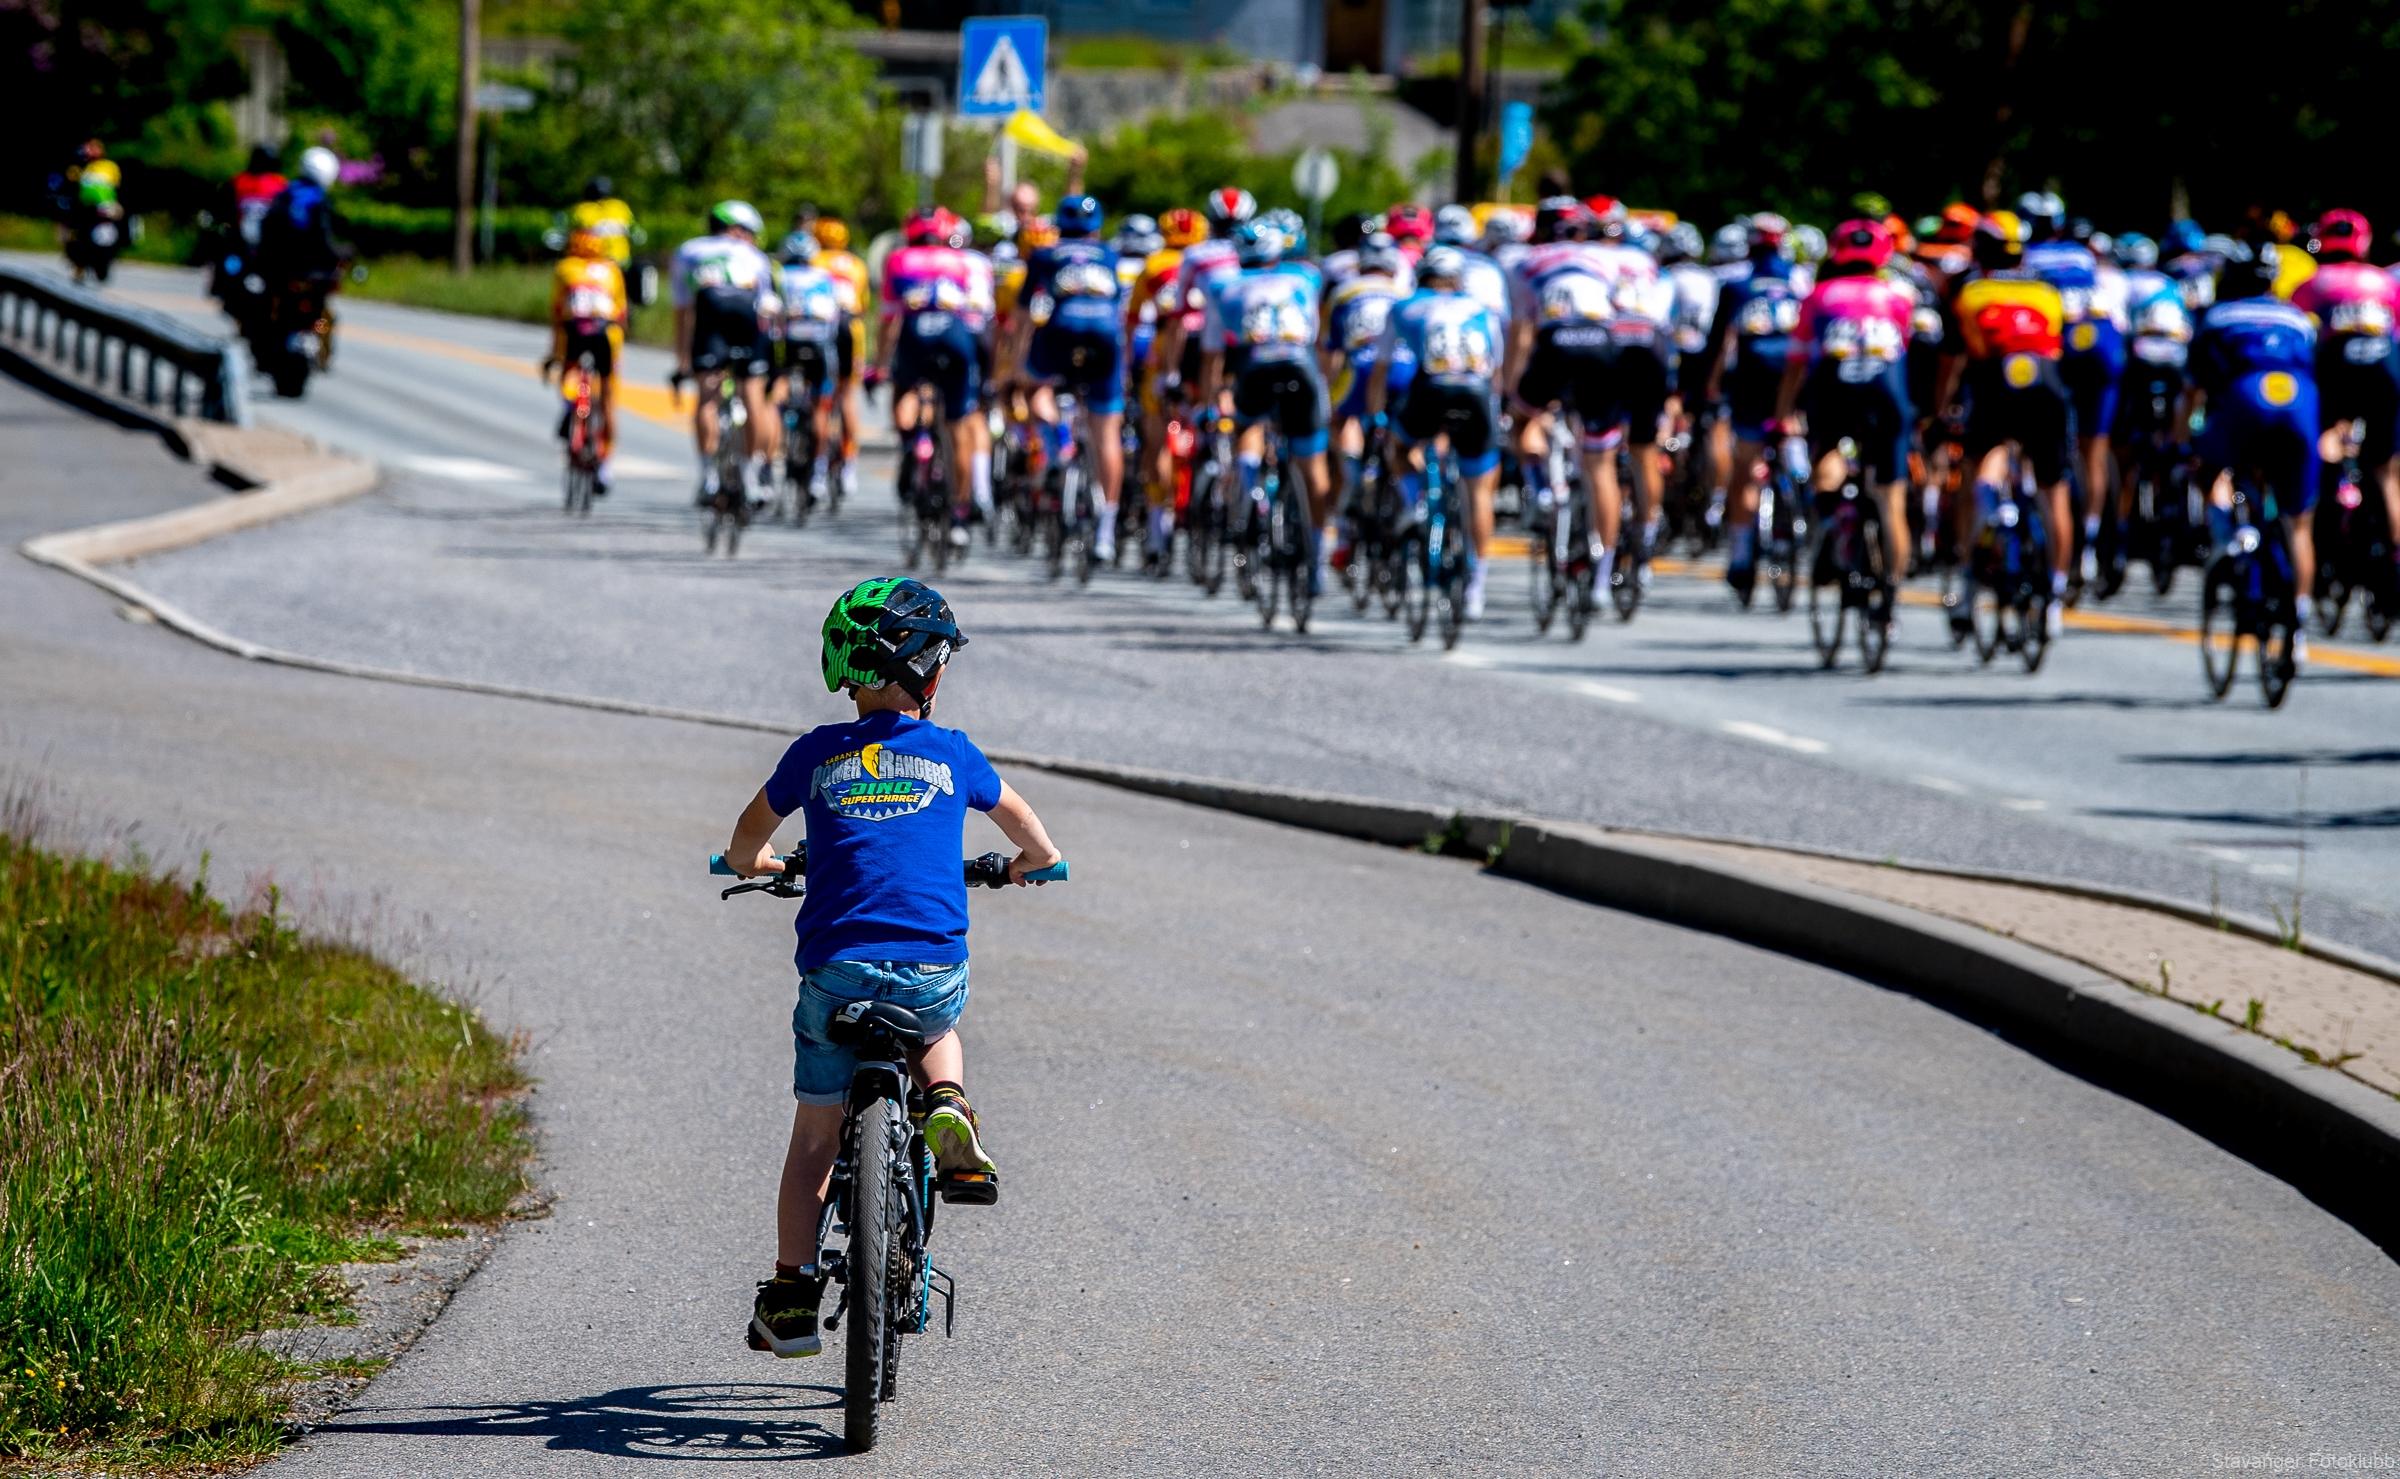 2. Plass Tema (På hjul) Kjetil Birkedal Pedersen